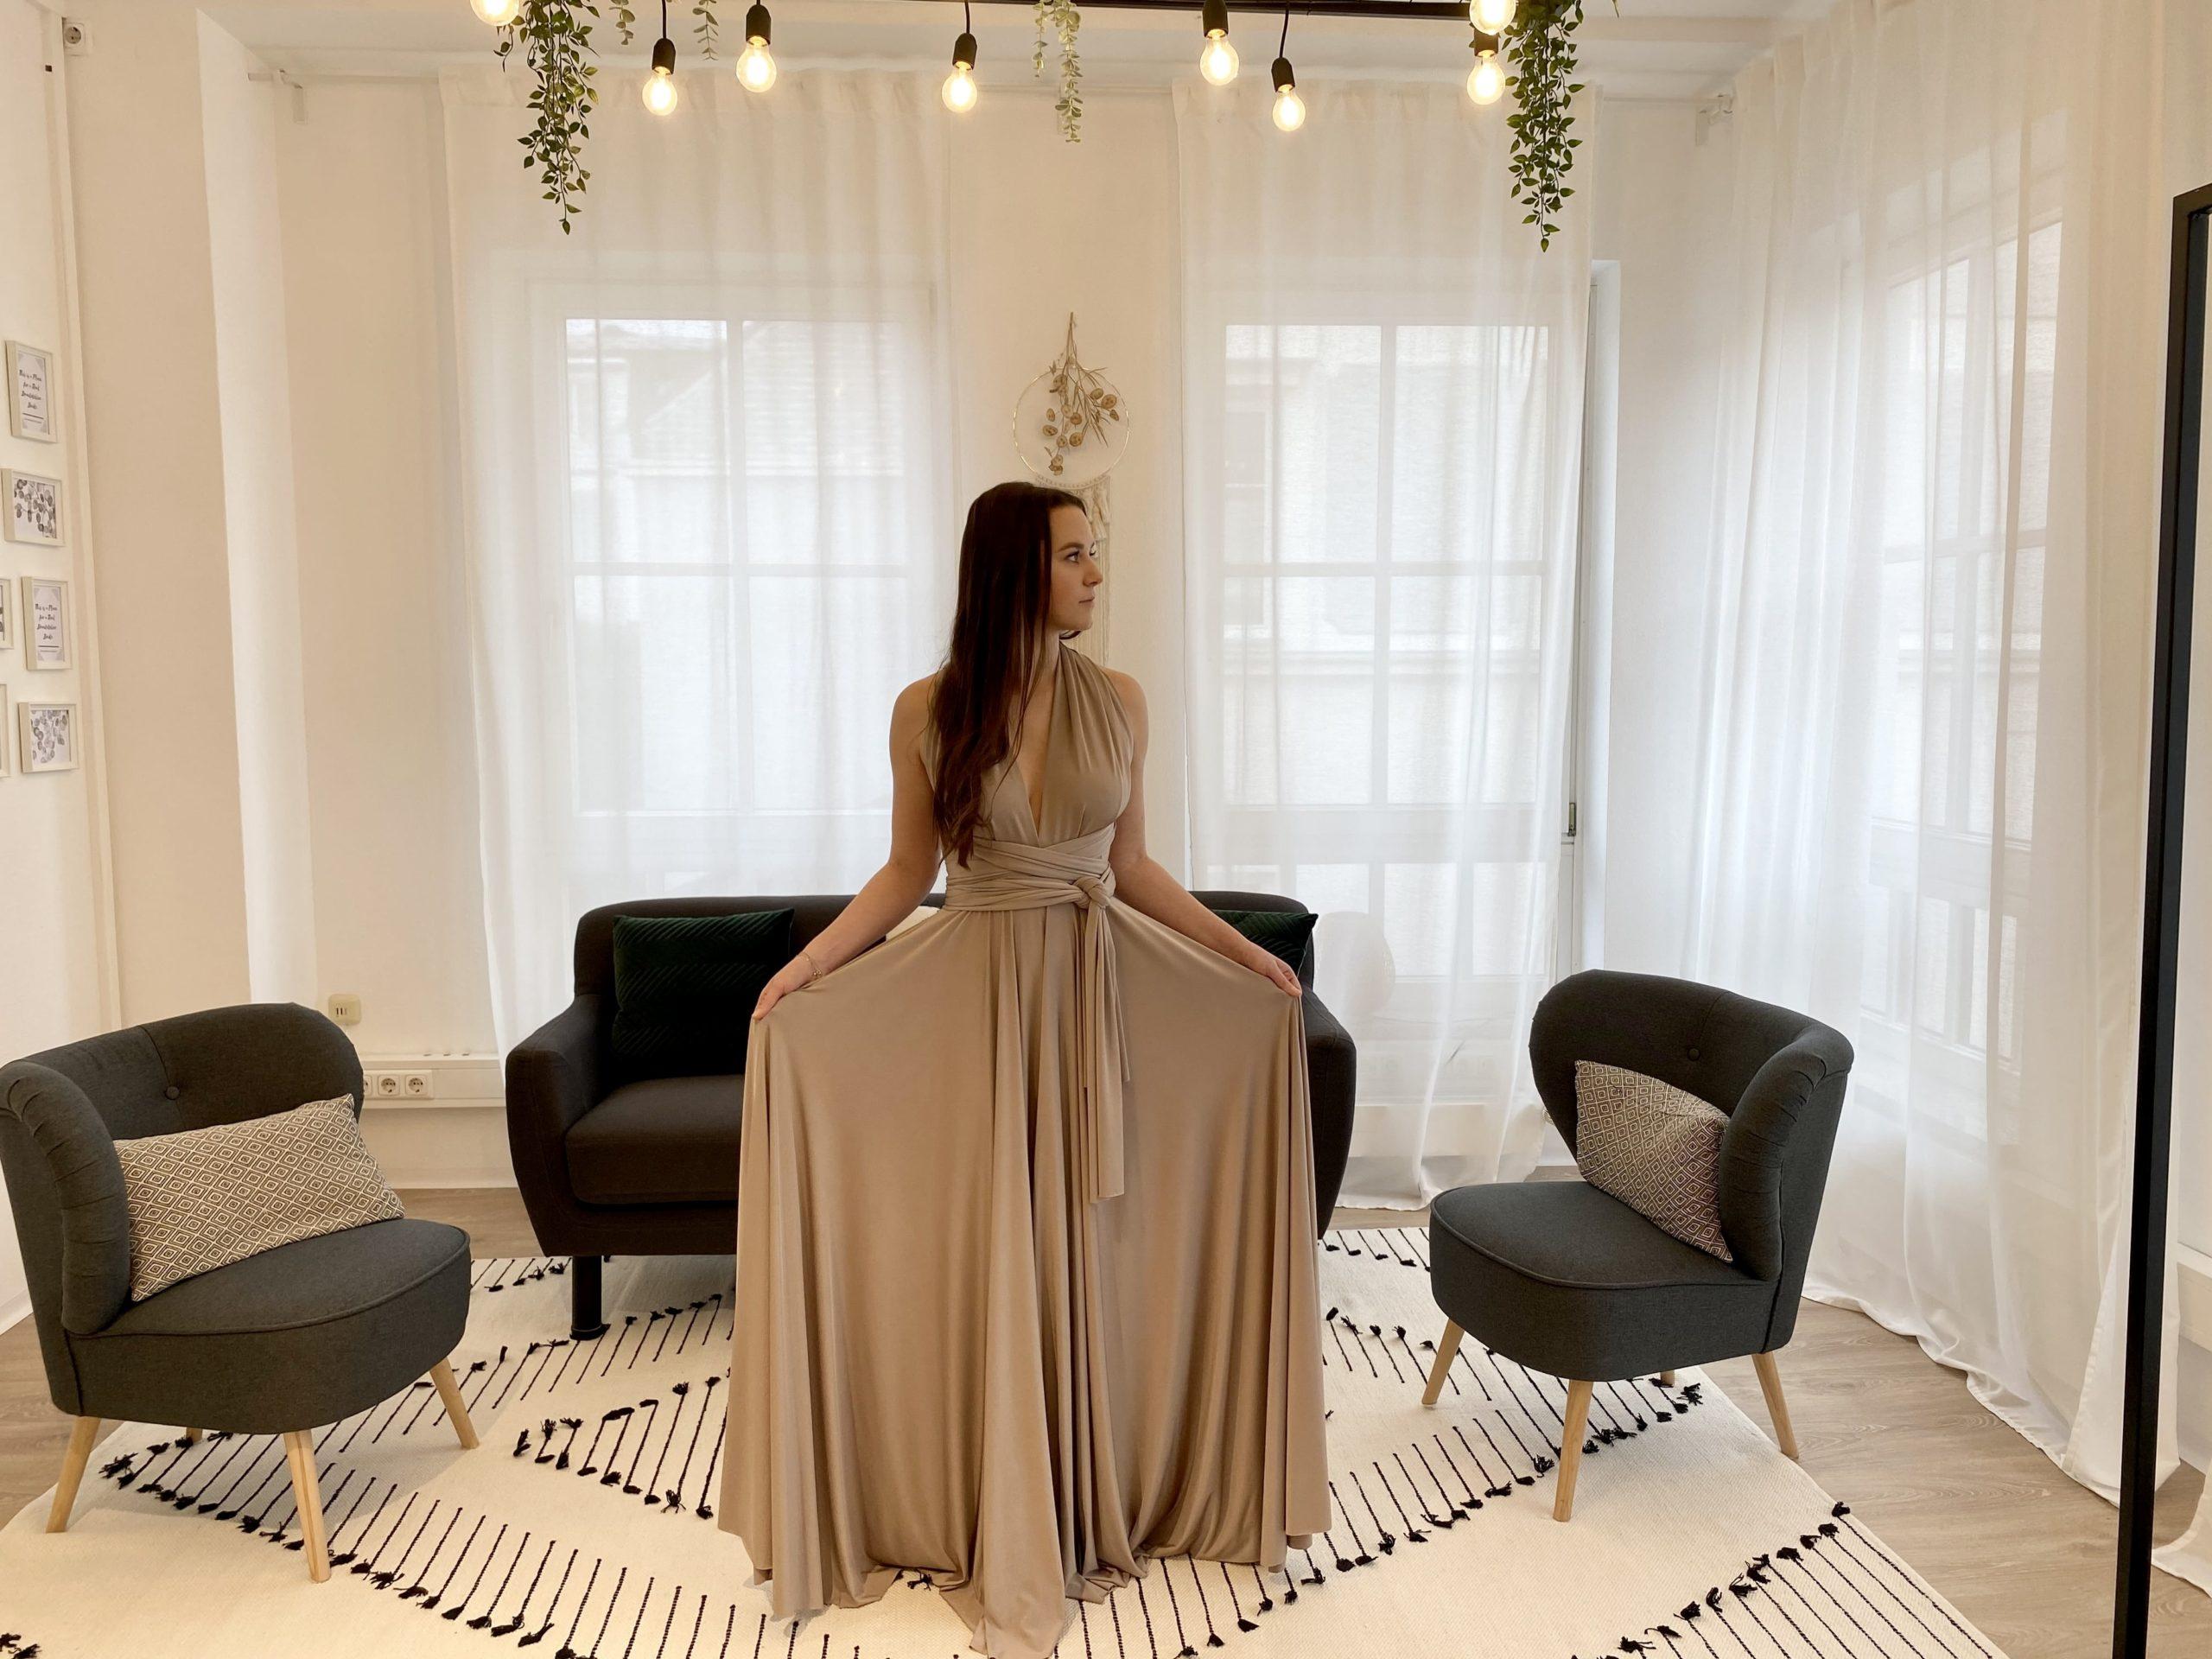 brautatelier ried-brautjungfernkleider-bridesmaids-two birds ny-long dress-putty-vorne-1